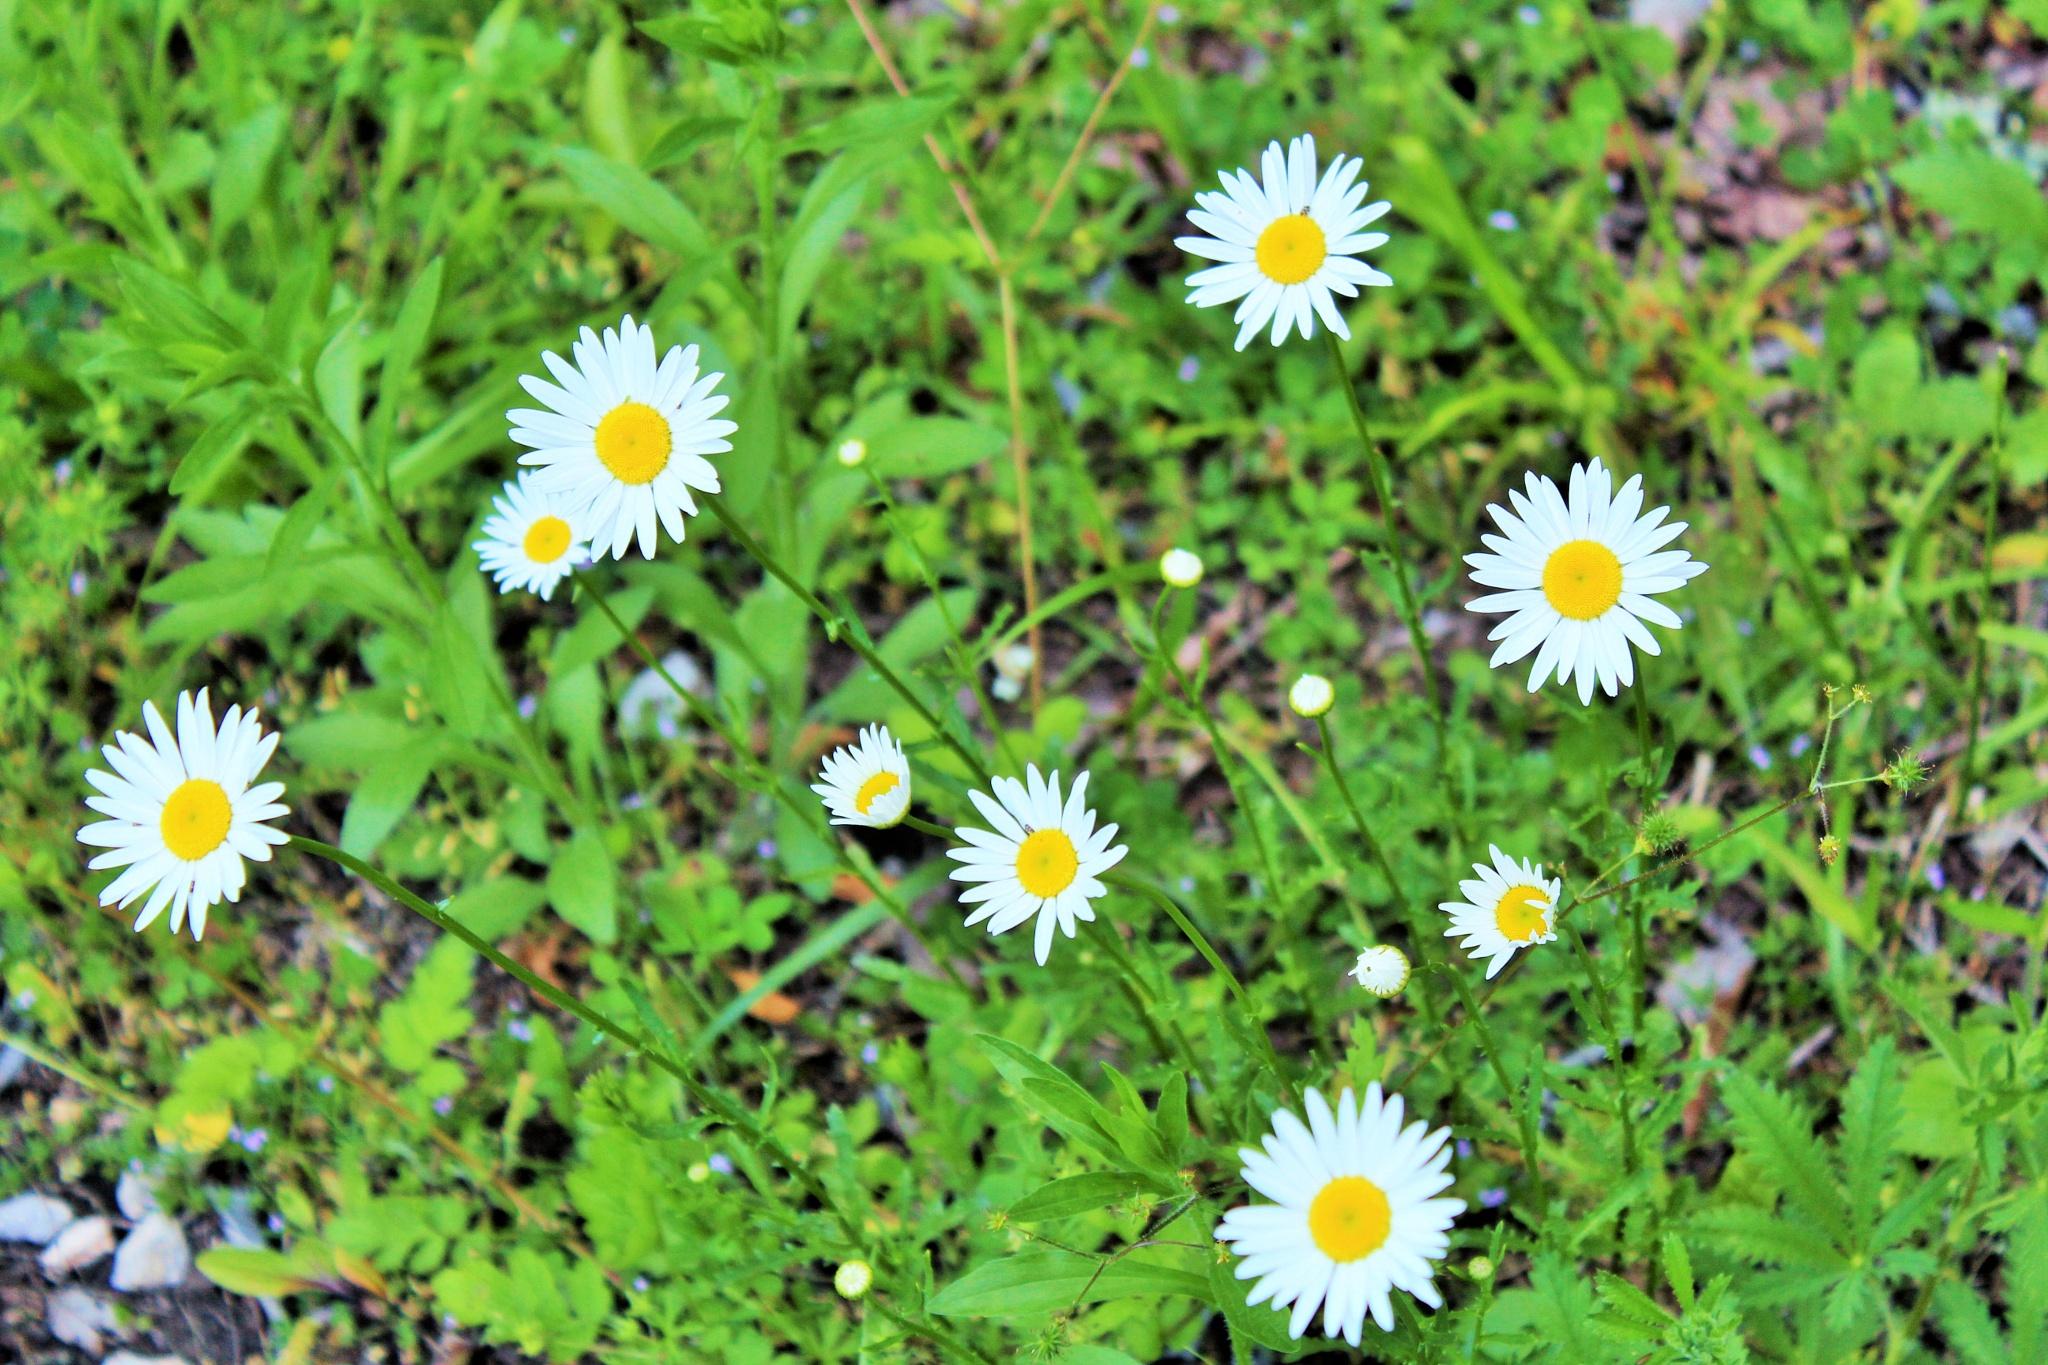 daisy do daisy does by Kathymac